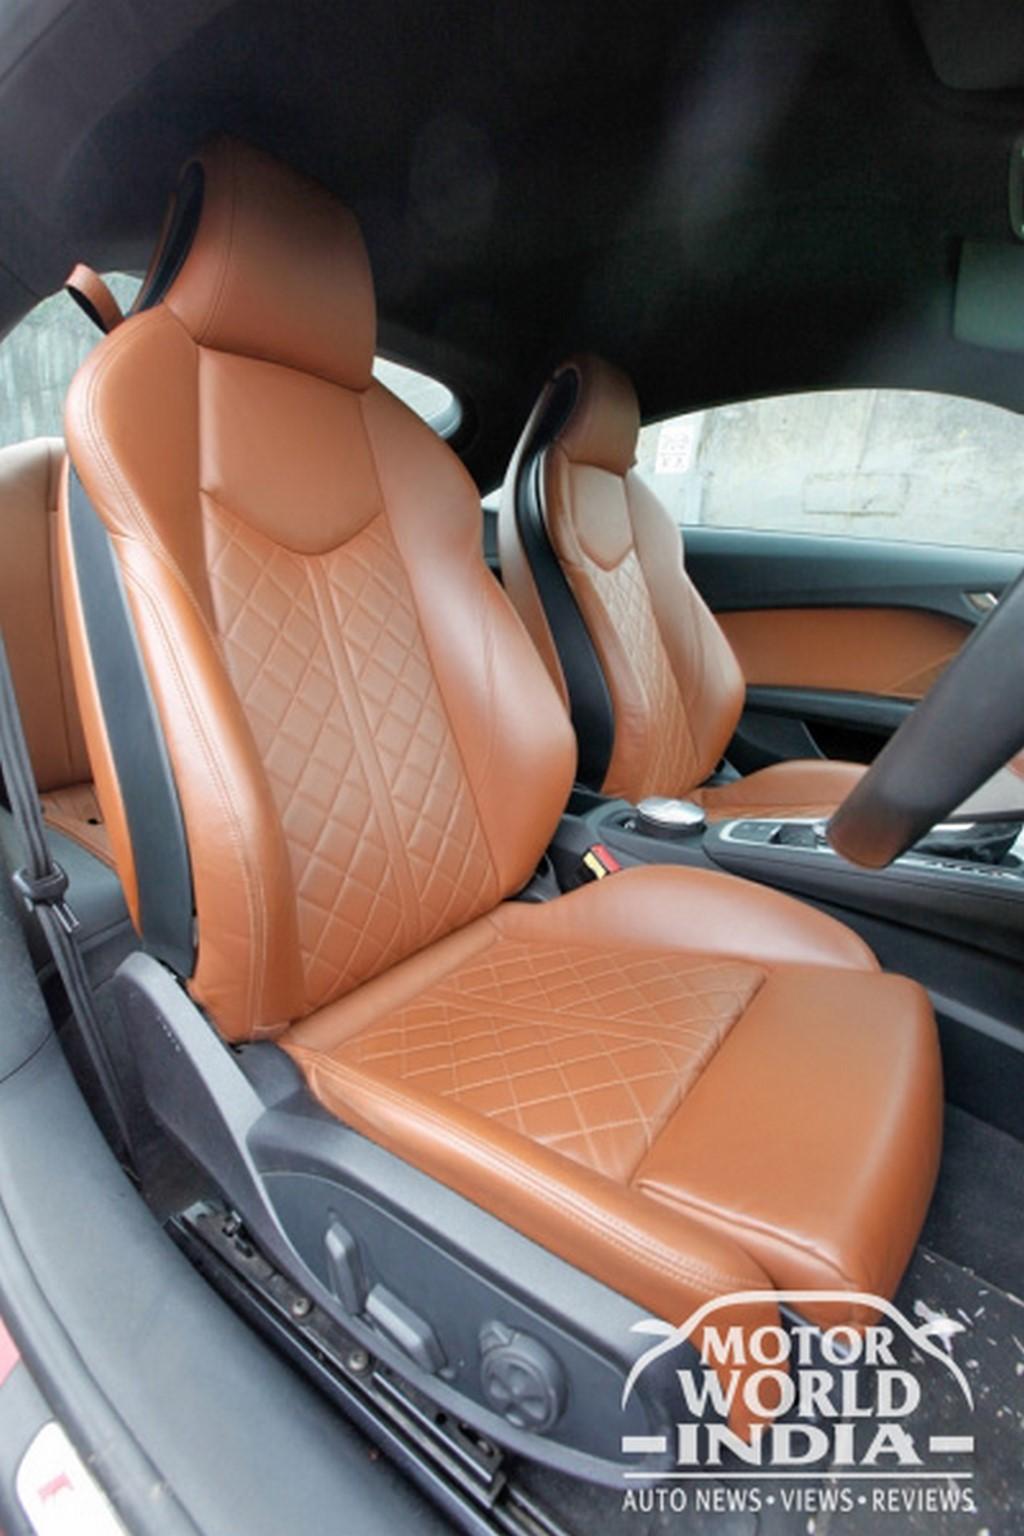 Audi-TT-Interior-Front-Seat